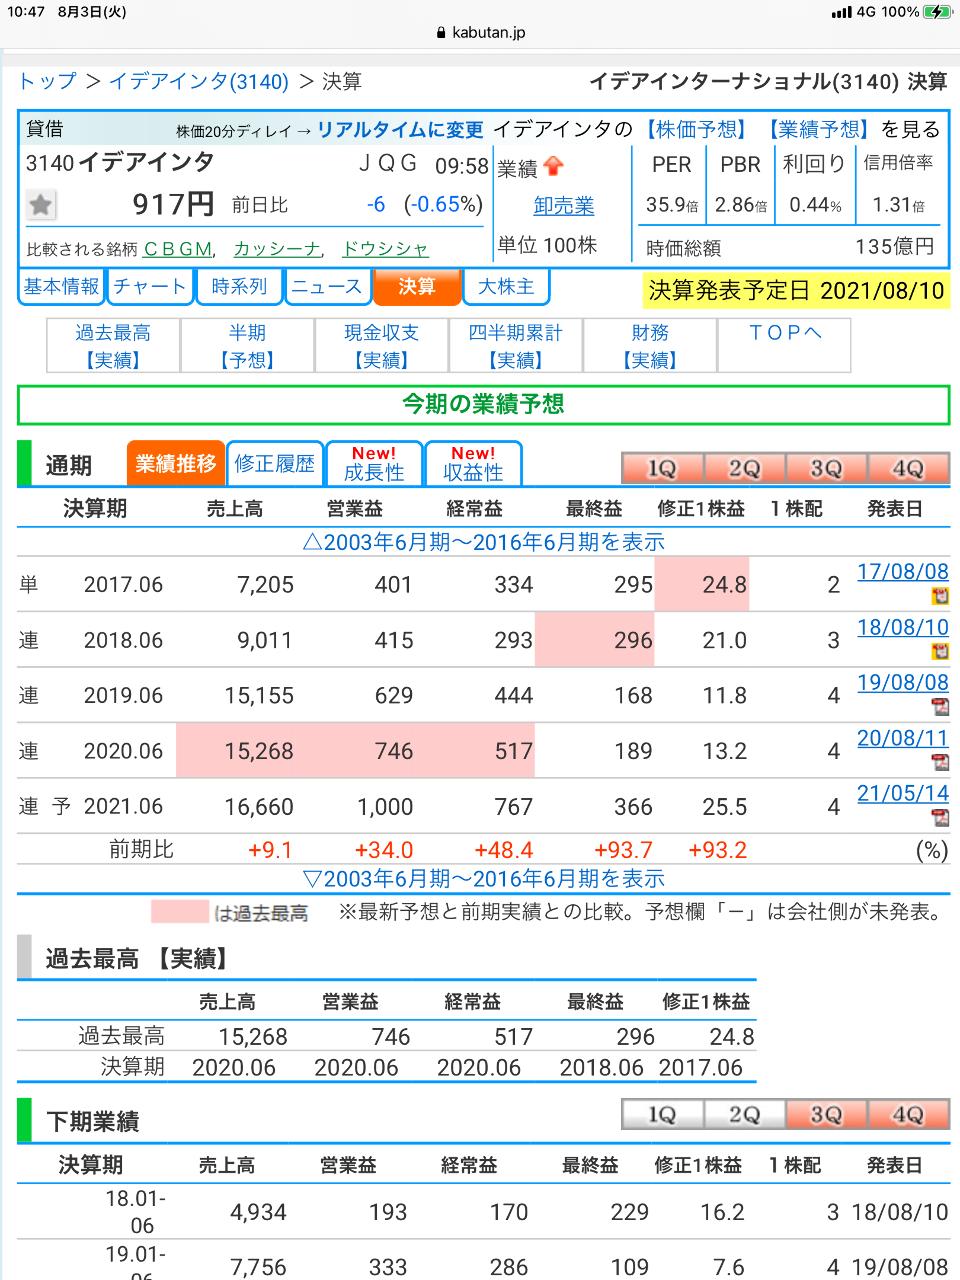 3140 - (株)イデアインターナショナル > > この株価どうなっているの⁉️ >  > 今期も過去最高益を更に更新し